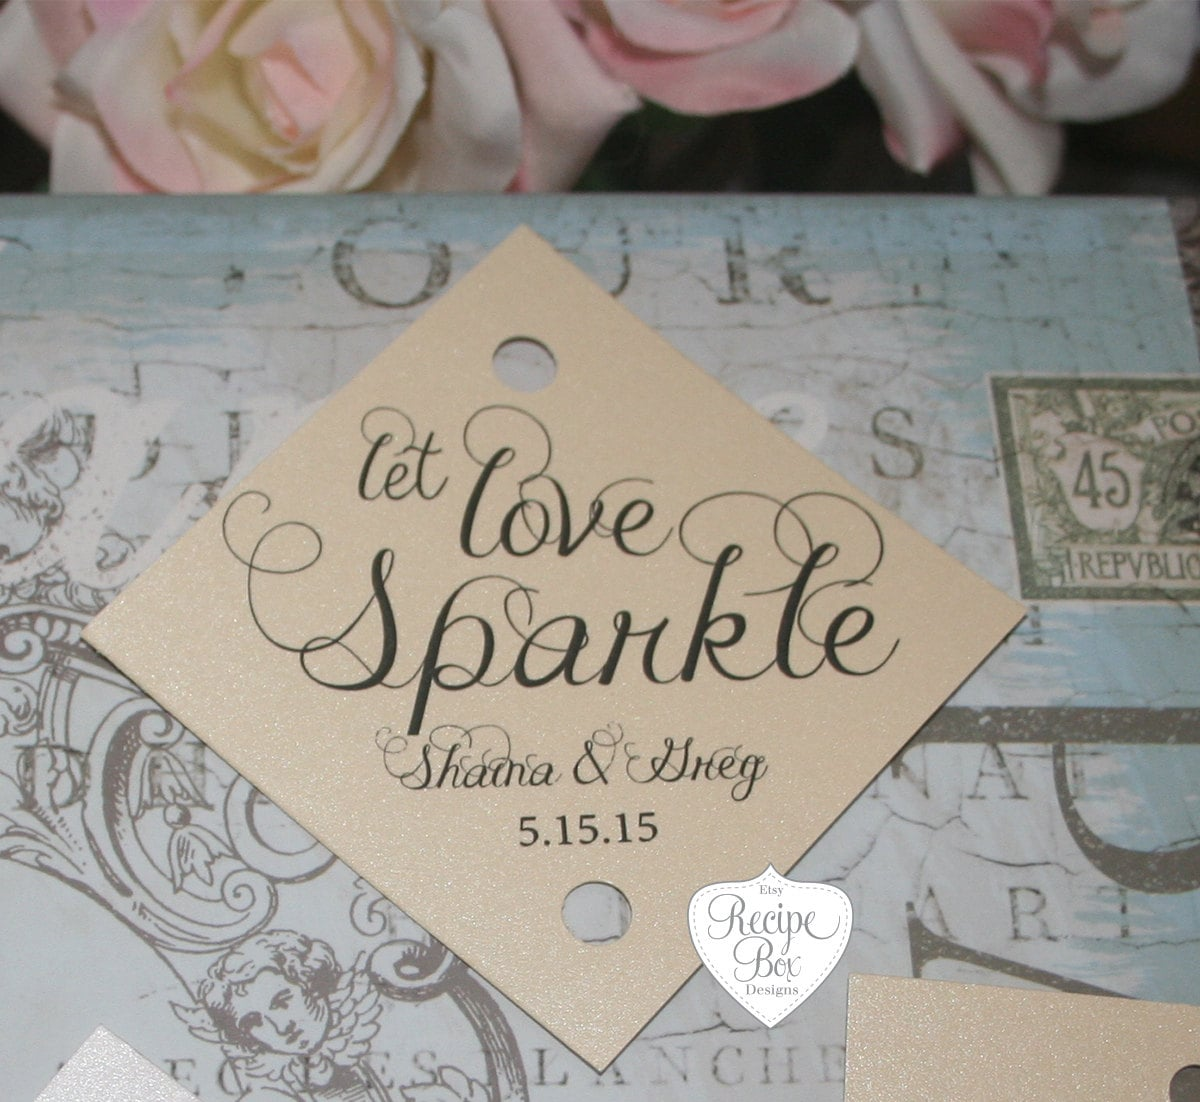 Sparkler Tag Wedding Sparkler Tags 150 pieces Let Love